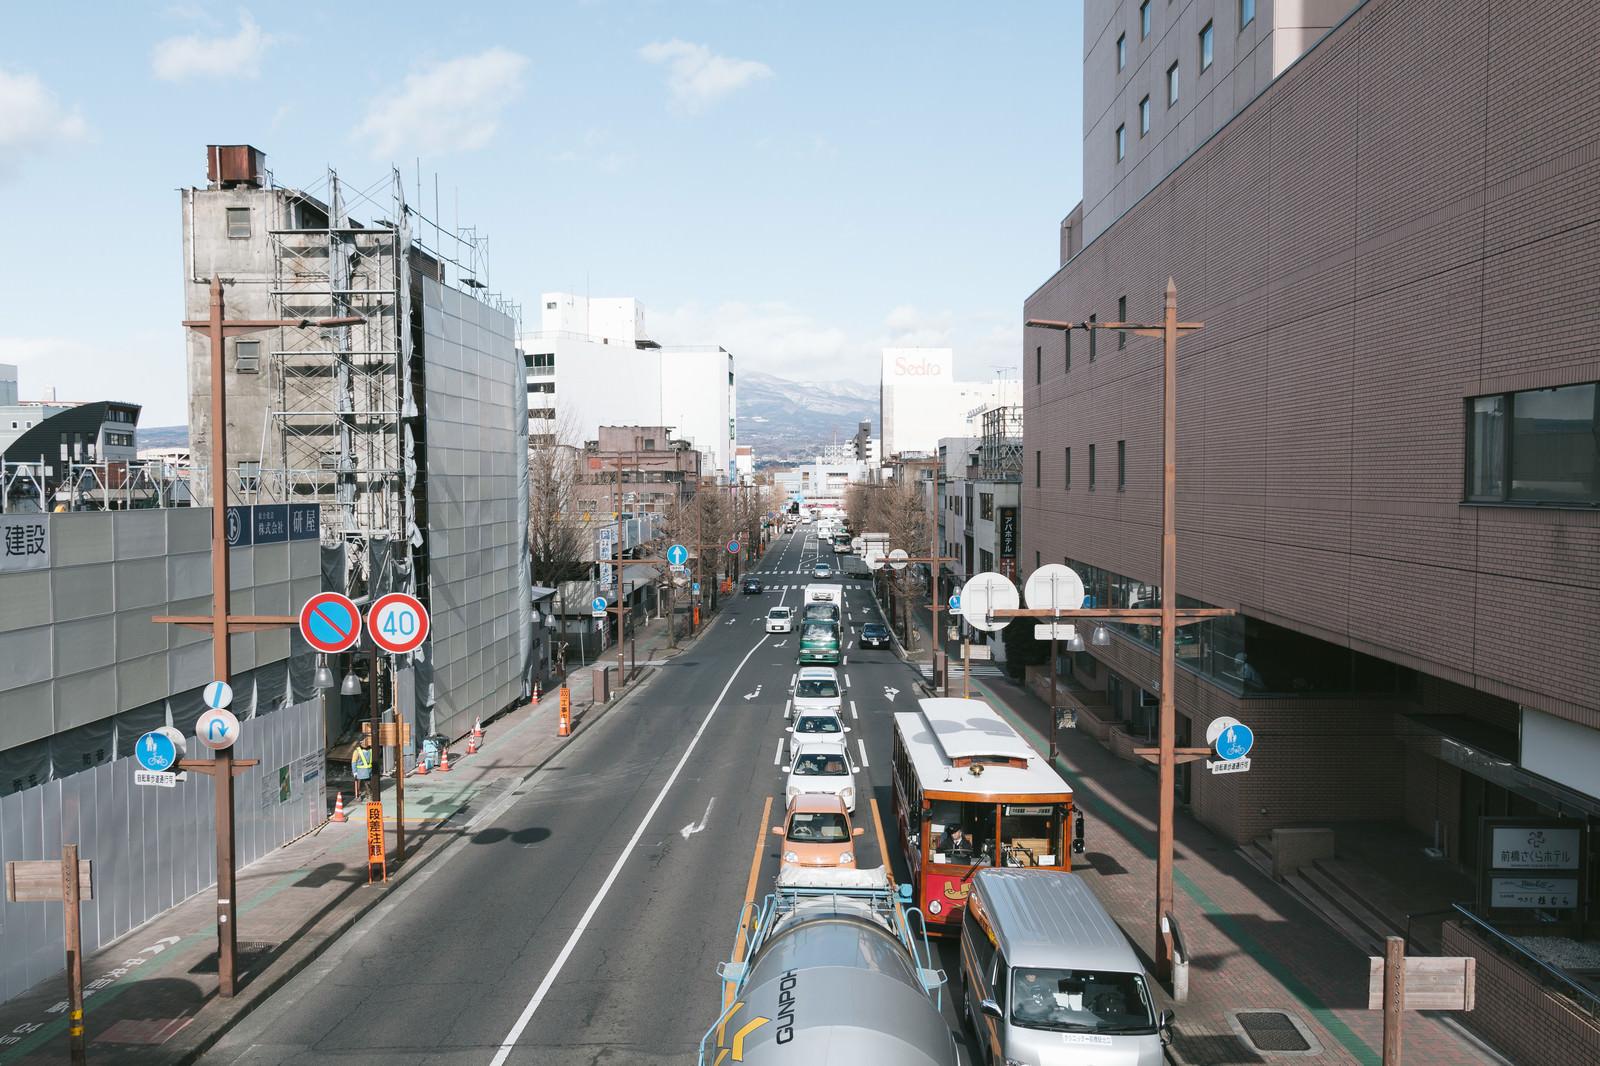 「前橋駅前の交通量 | 写真の無料素材・フリー素材 - ぱくたそ」の写真